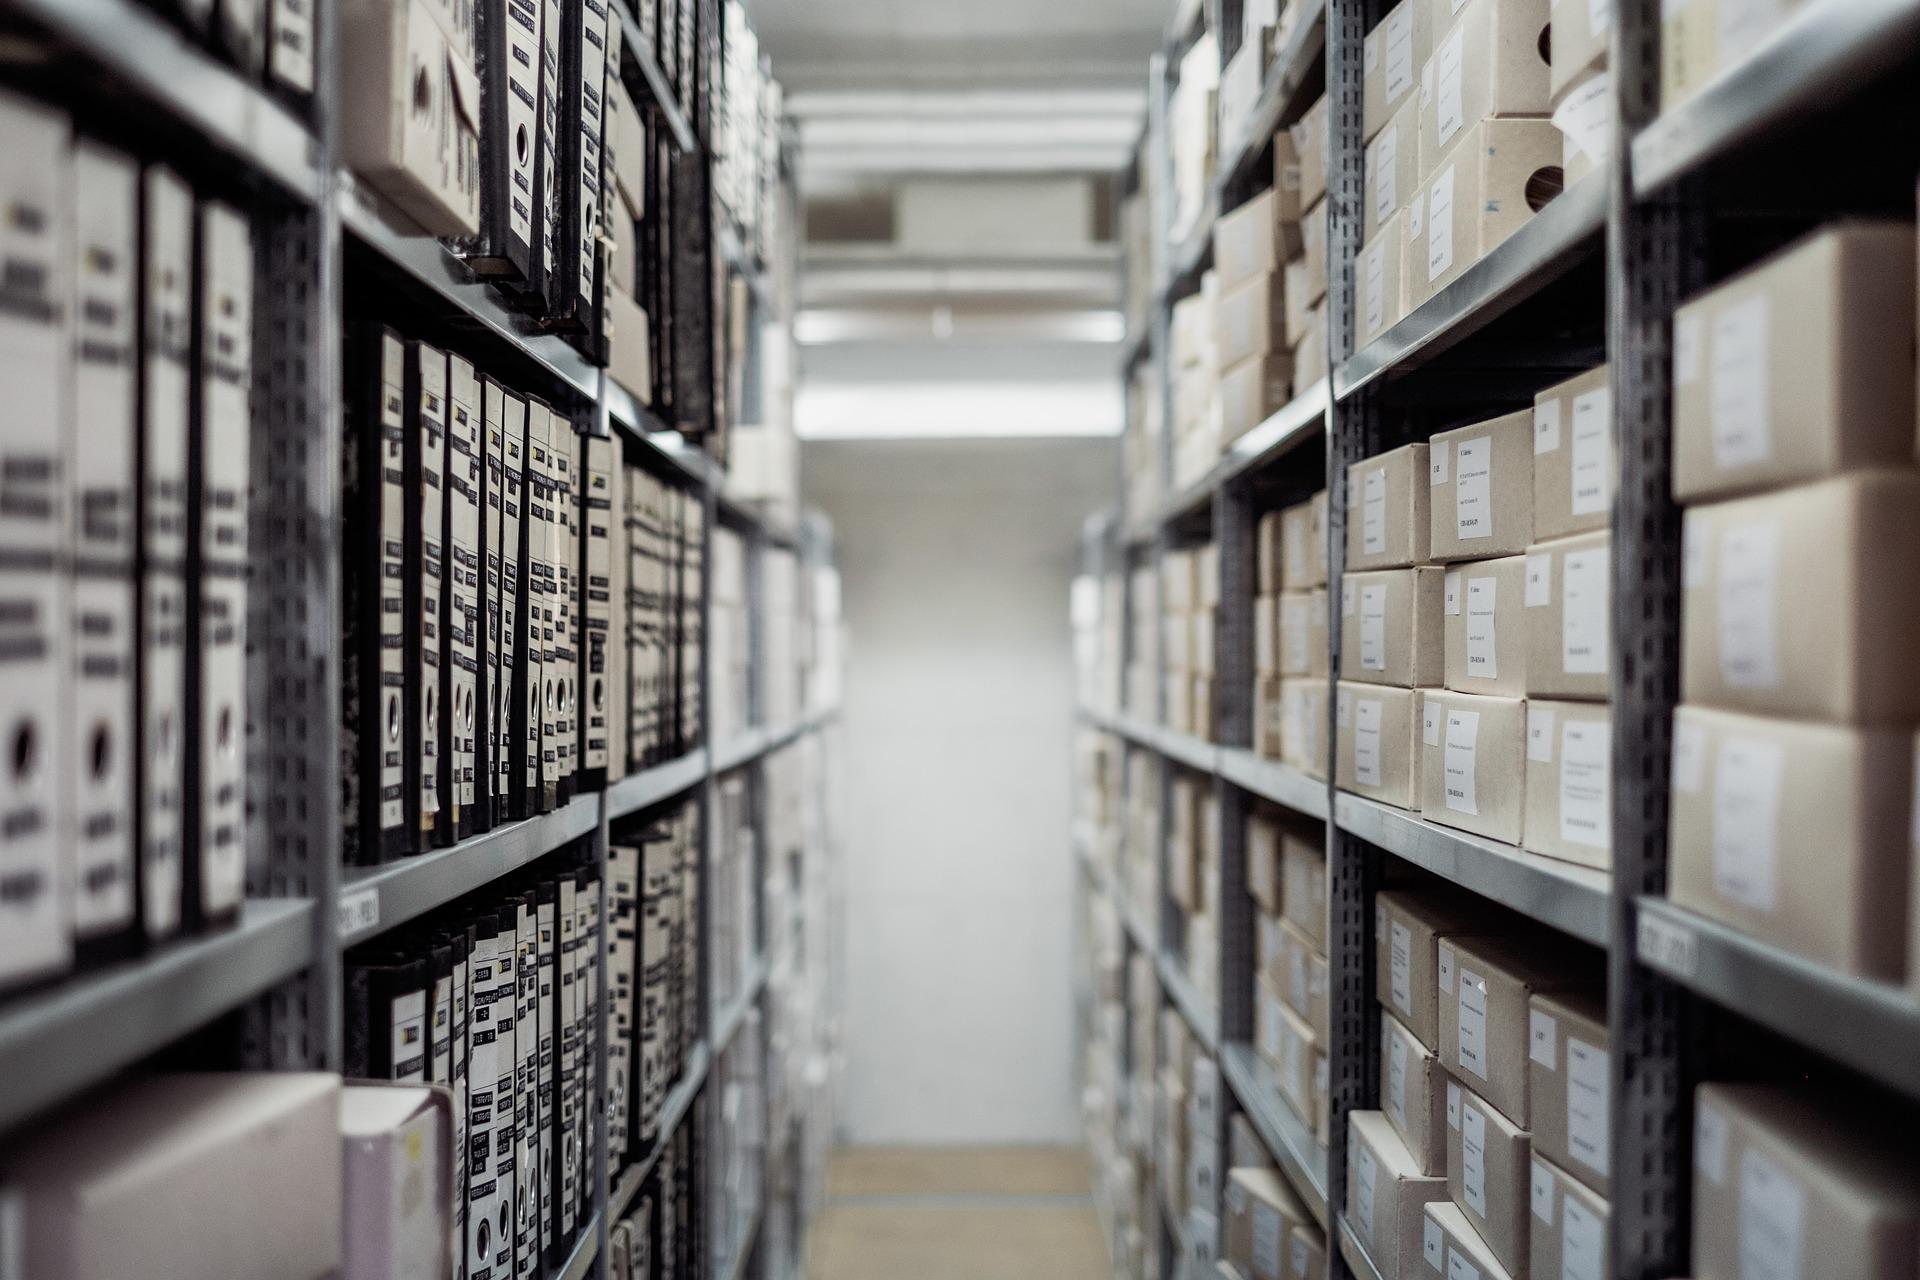 számlák, dokumentumok archiválása, megőrzése